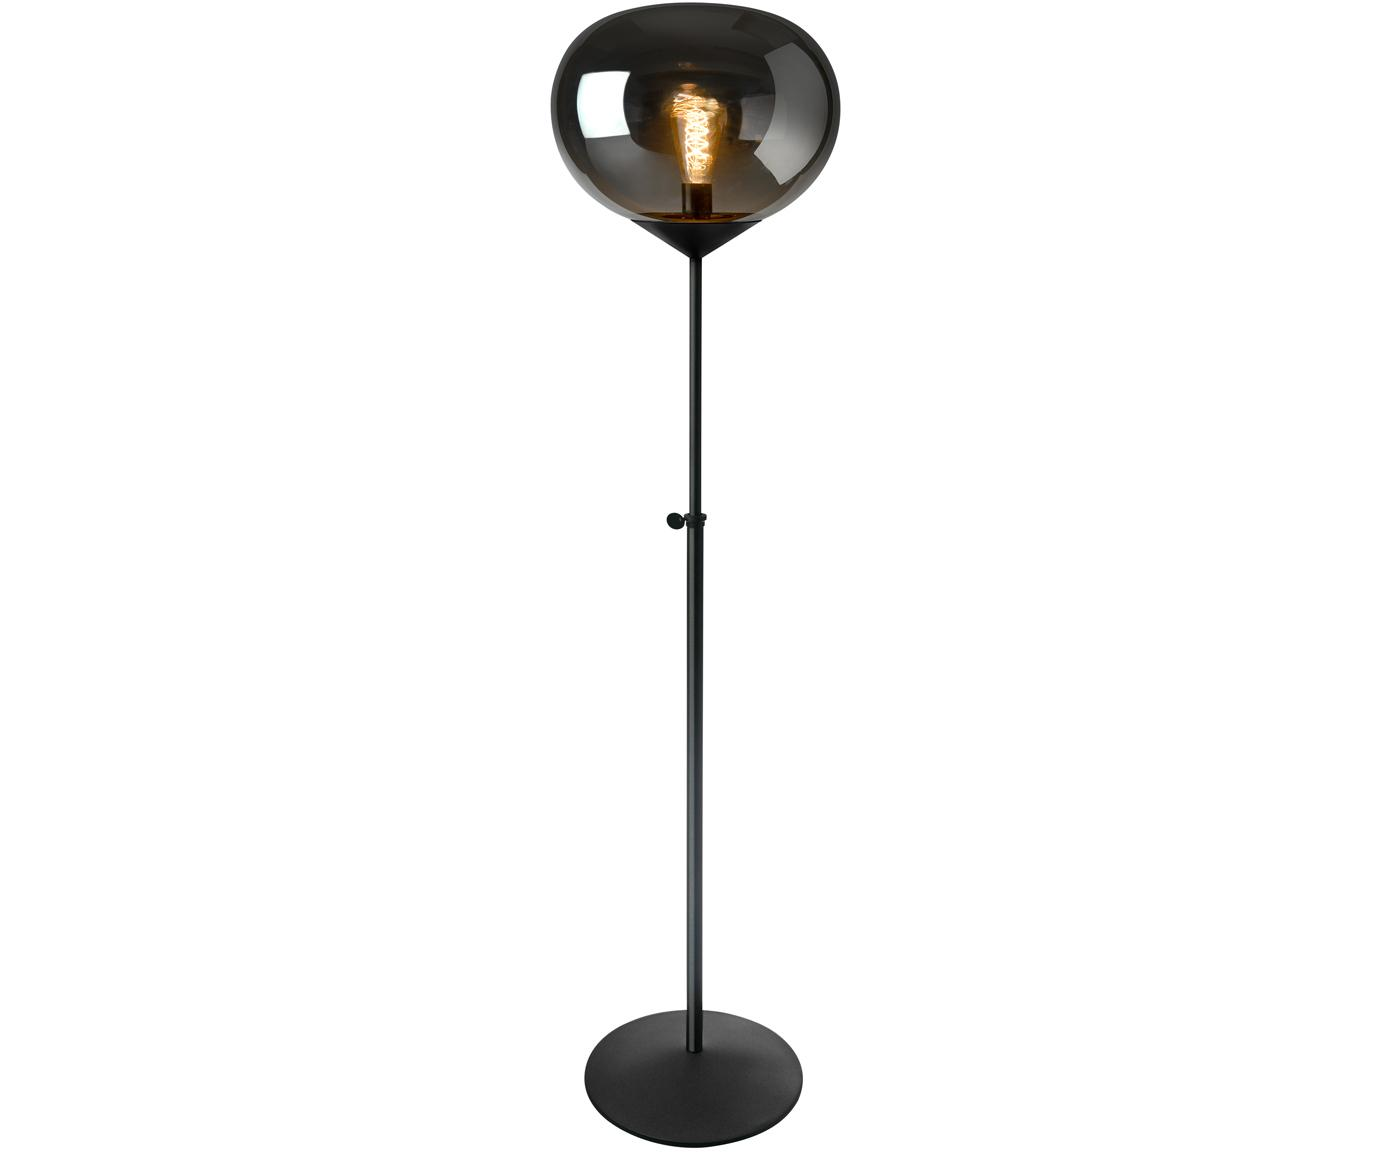 Lámpara de pie Drop, altura regulable, Pantalla: vidrio cromado, Cable: plástico, Cromo, negro, Ø 36 x Al 164 cm